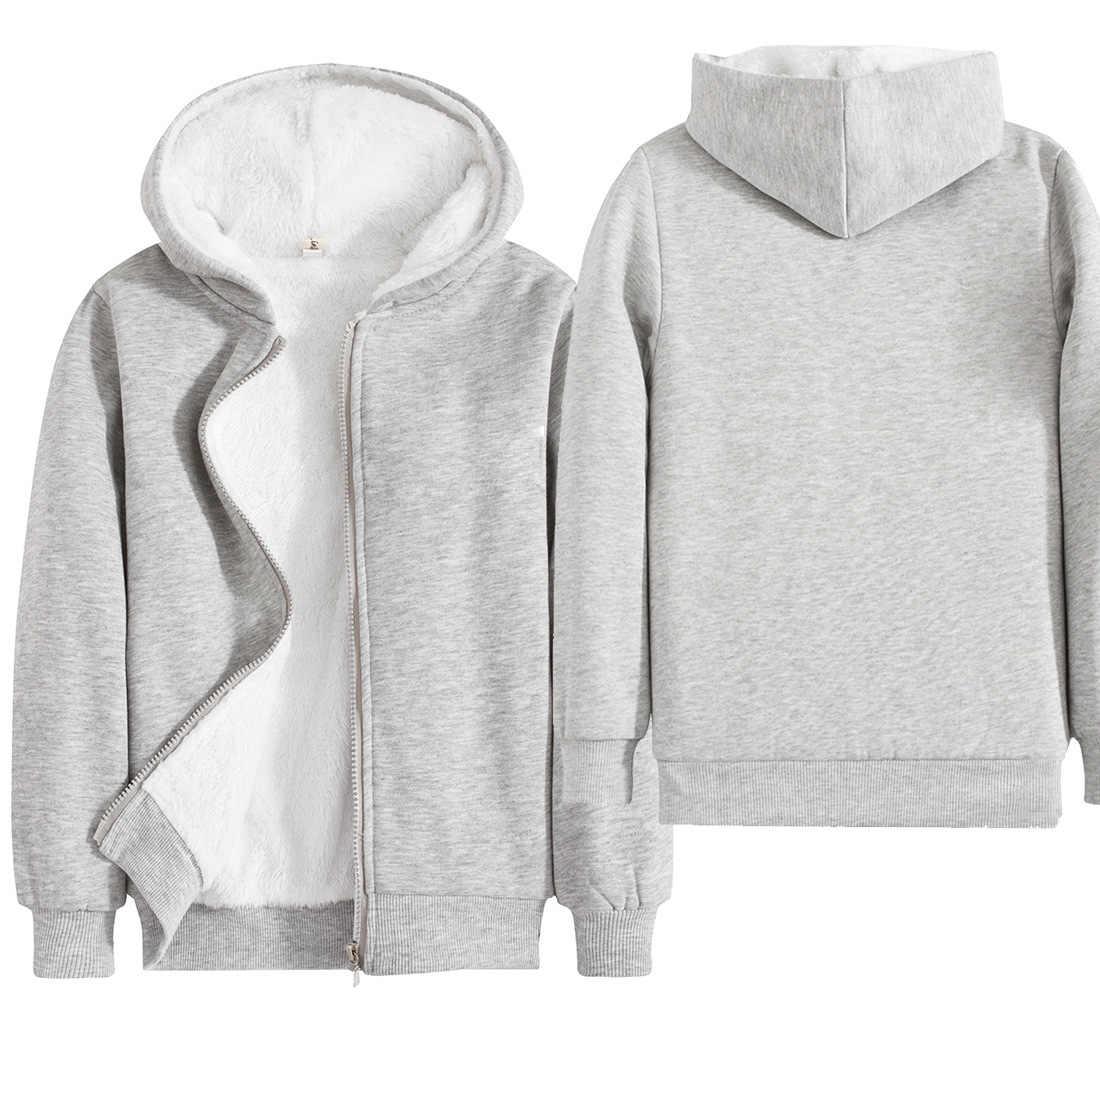 Детская Вельветовая куртка на молнии в стиле хип-хоп, уличная толстовка на молнии, с вашим собственным логотипом, B-r-a-w-l игровая Толстовка